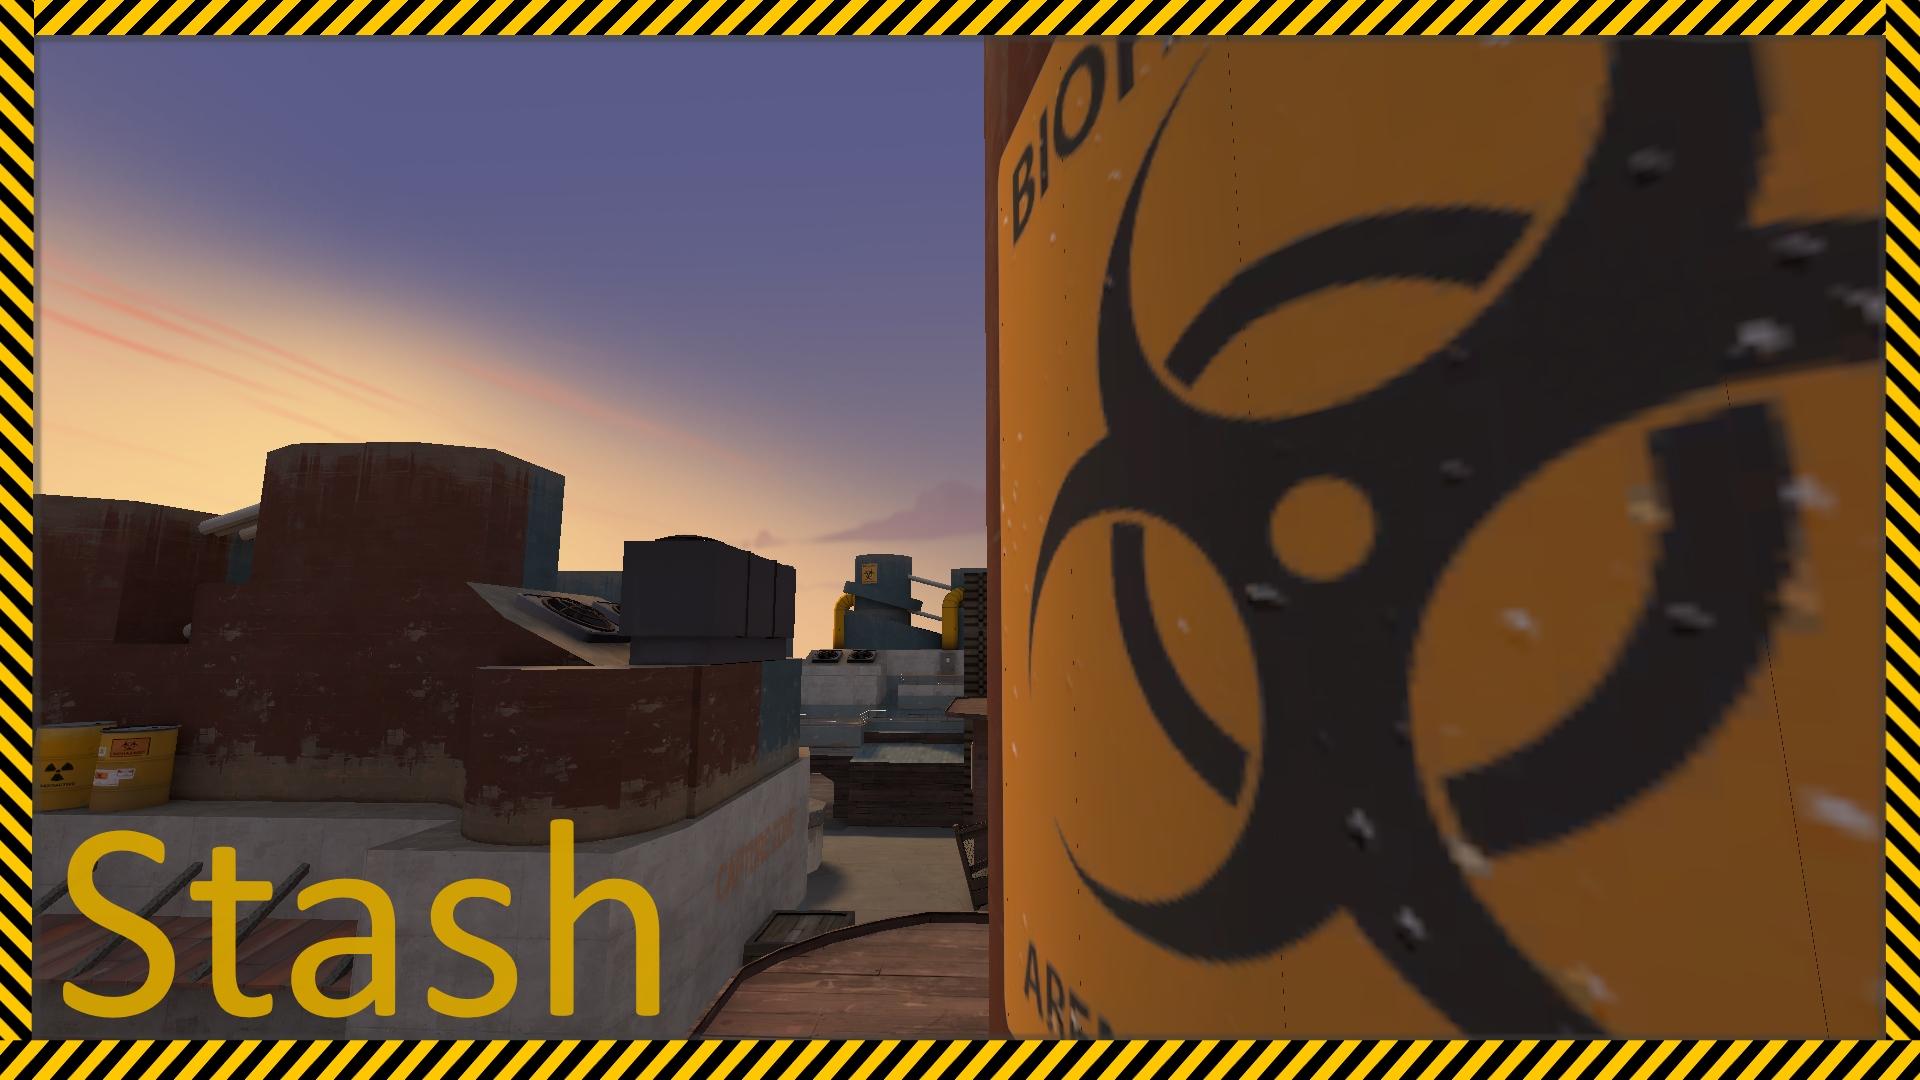 stash_b4_8.jpg